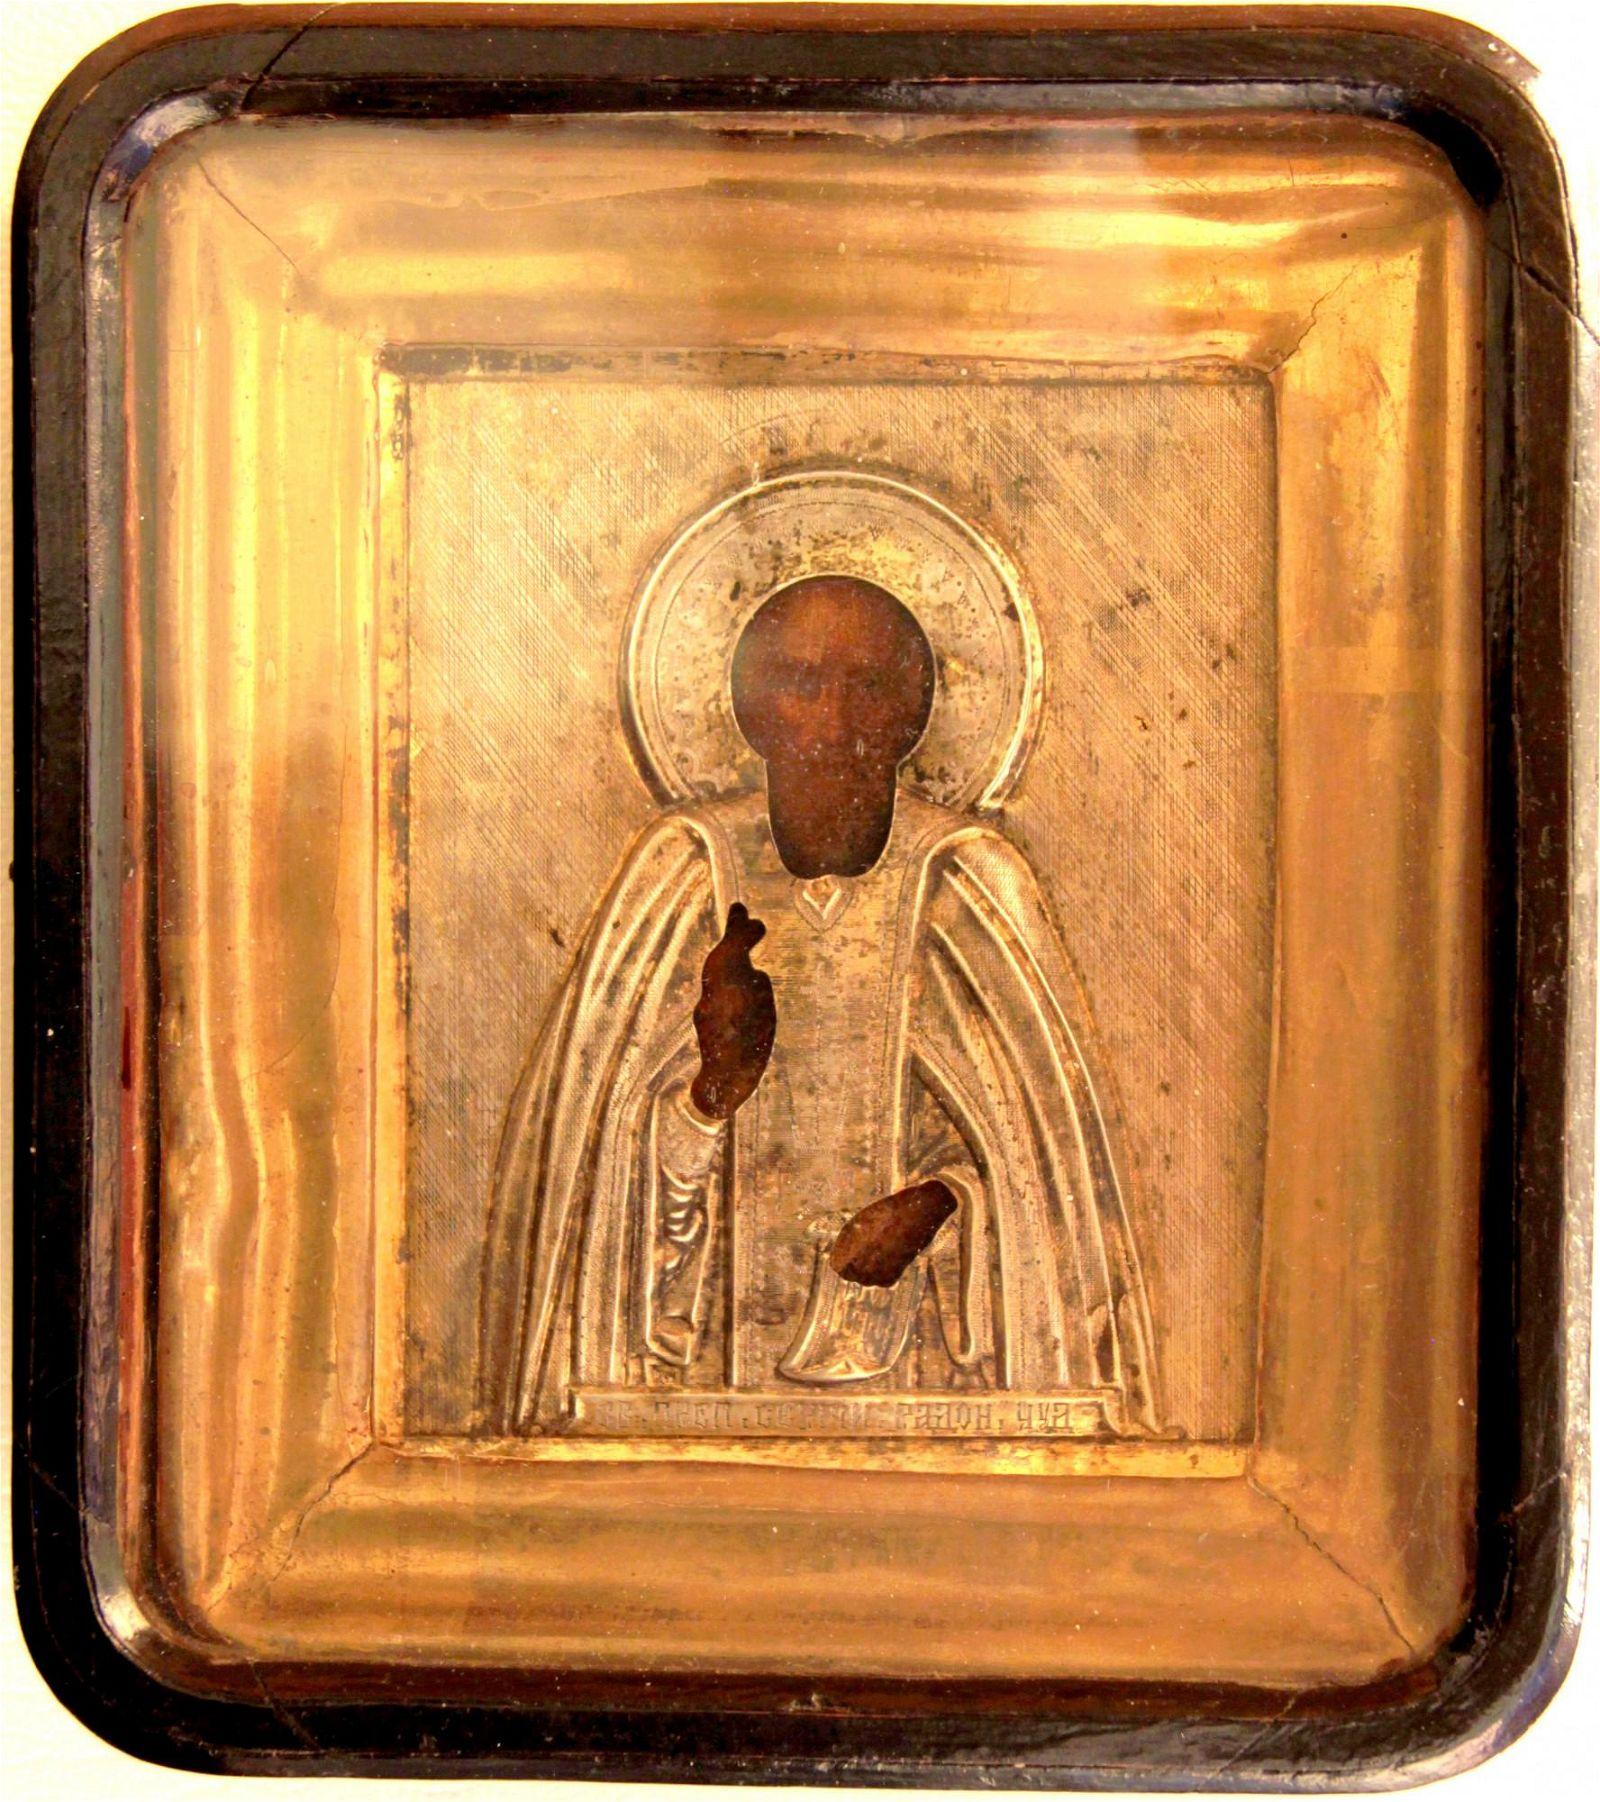 Saint Sergius of Radonezh